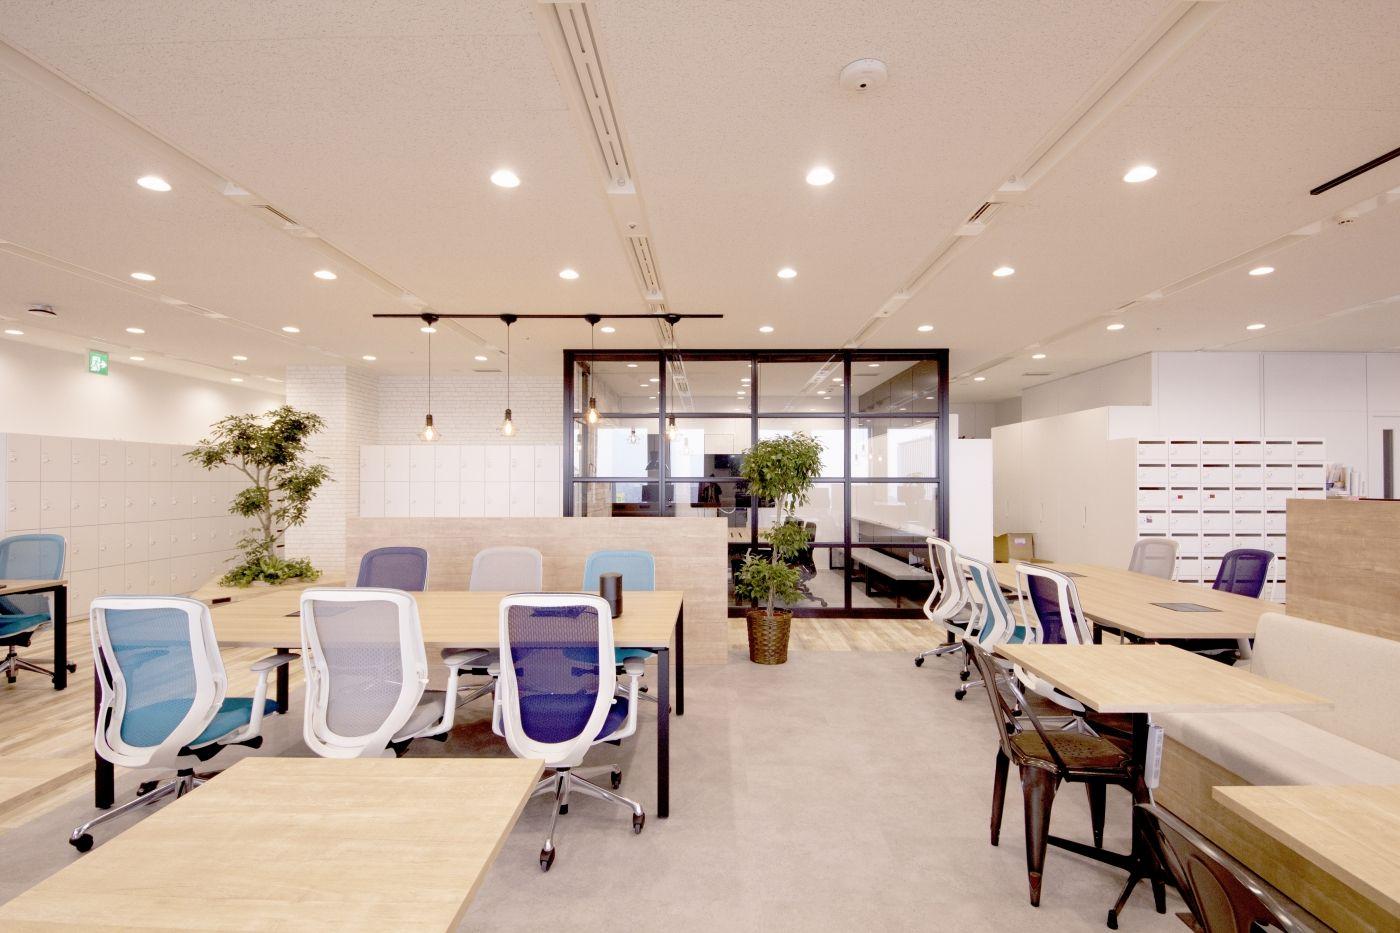 Cafe 自然なコミュニケーションが生まれるオープンオフィス